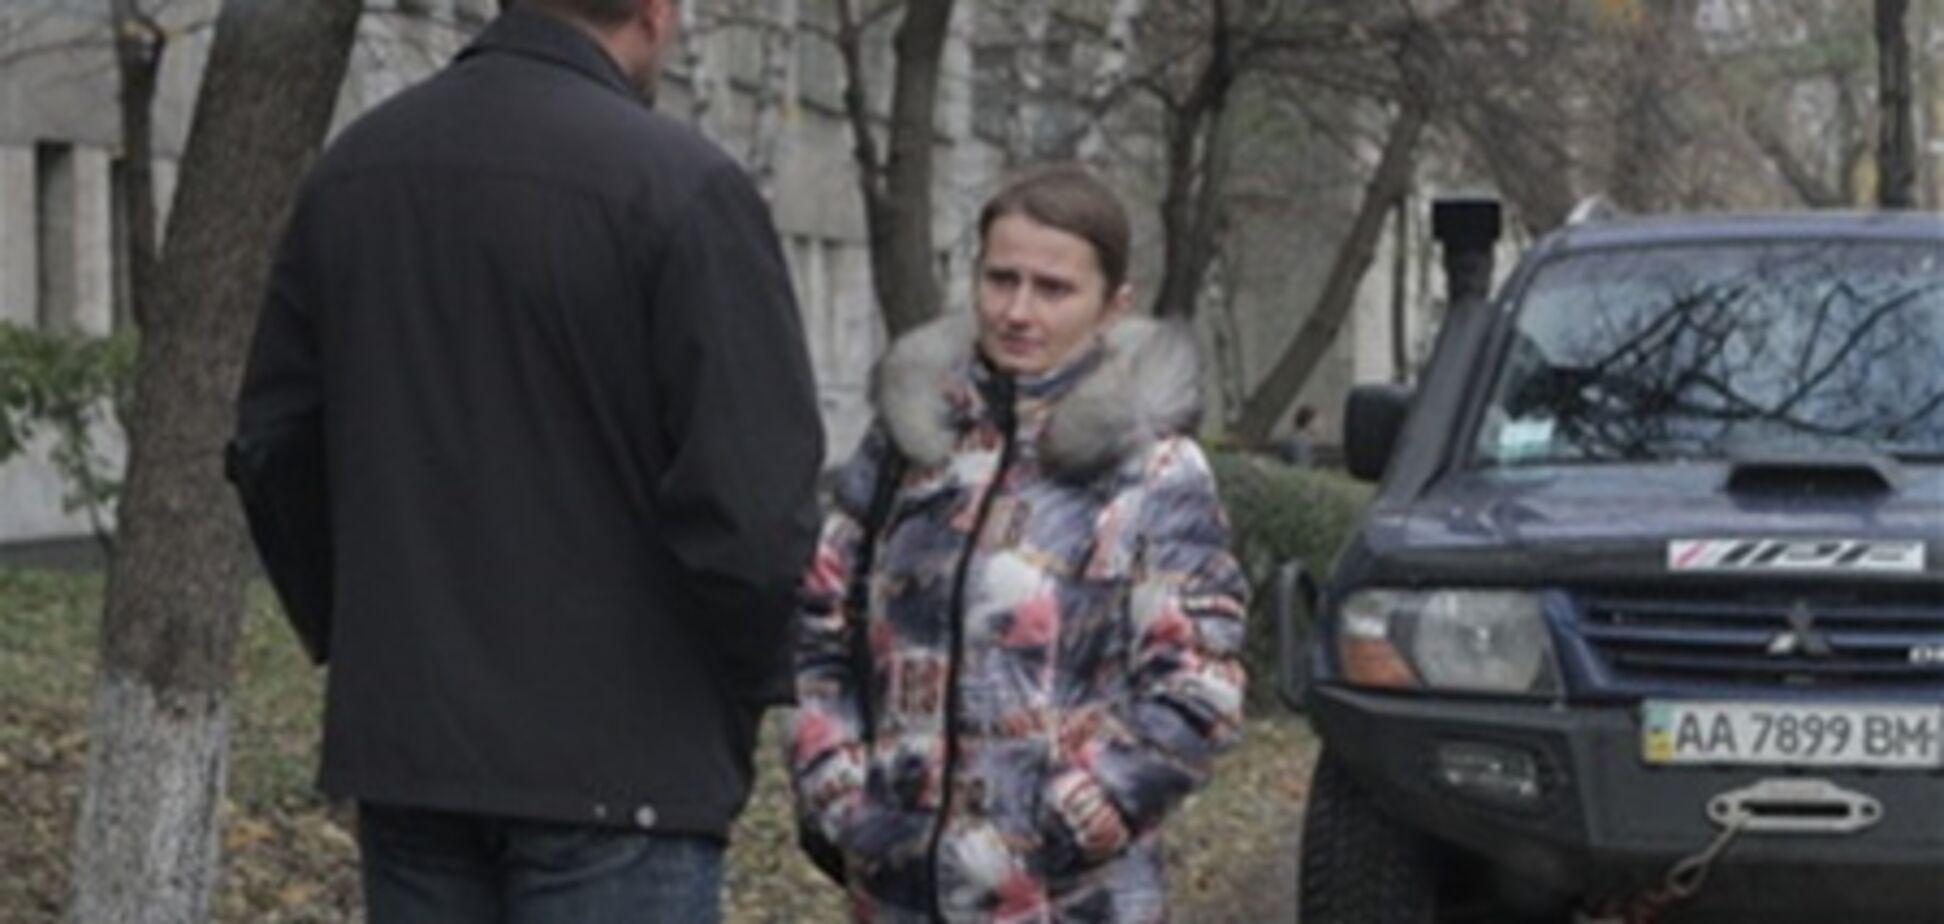 Людмила Мазурок: я поховала чоловіка, але стріляв чи не він